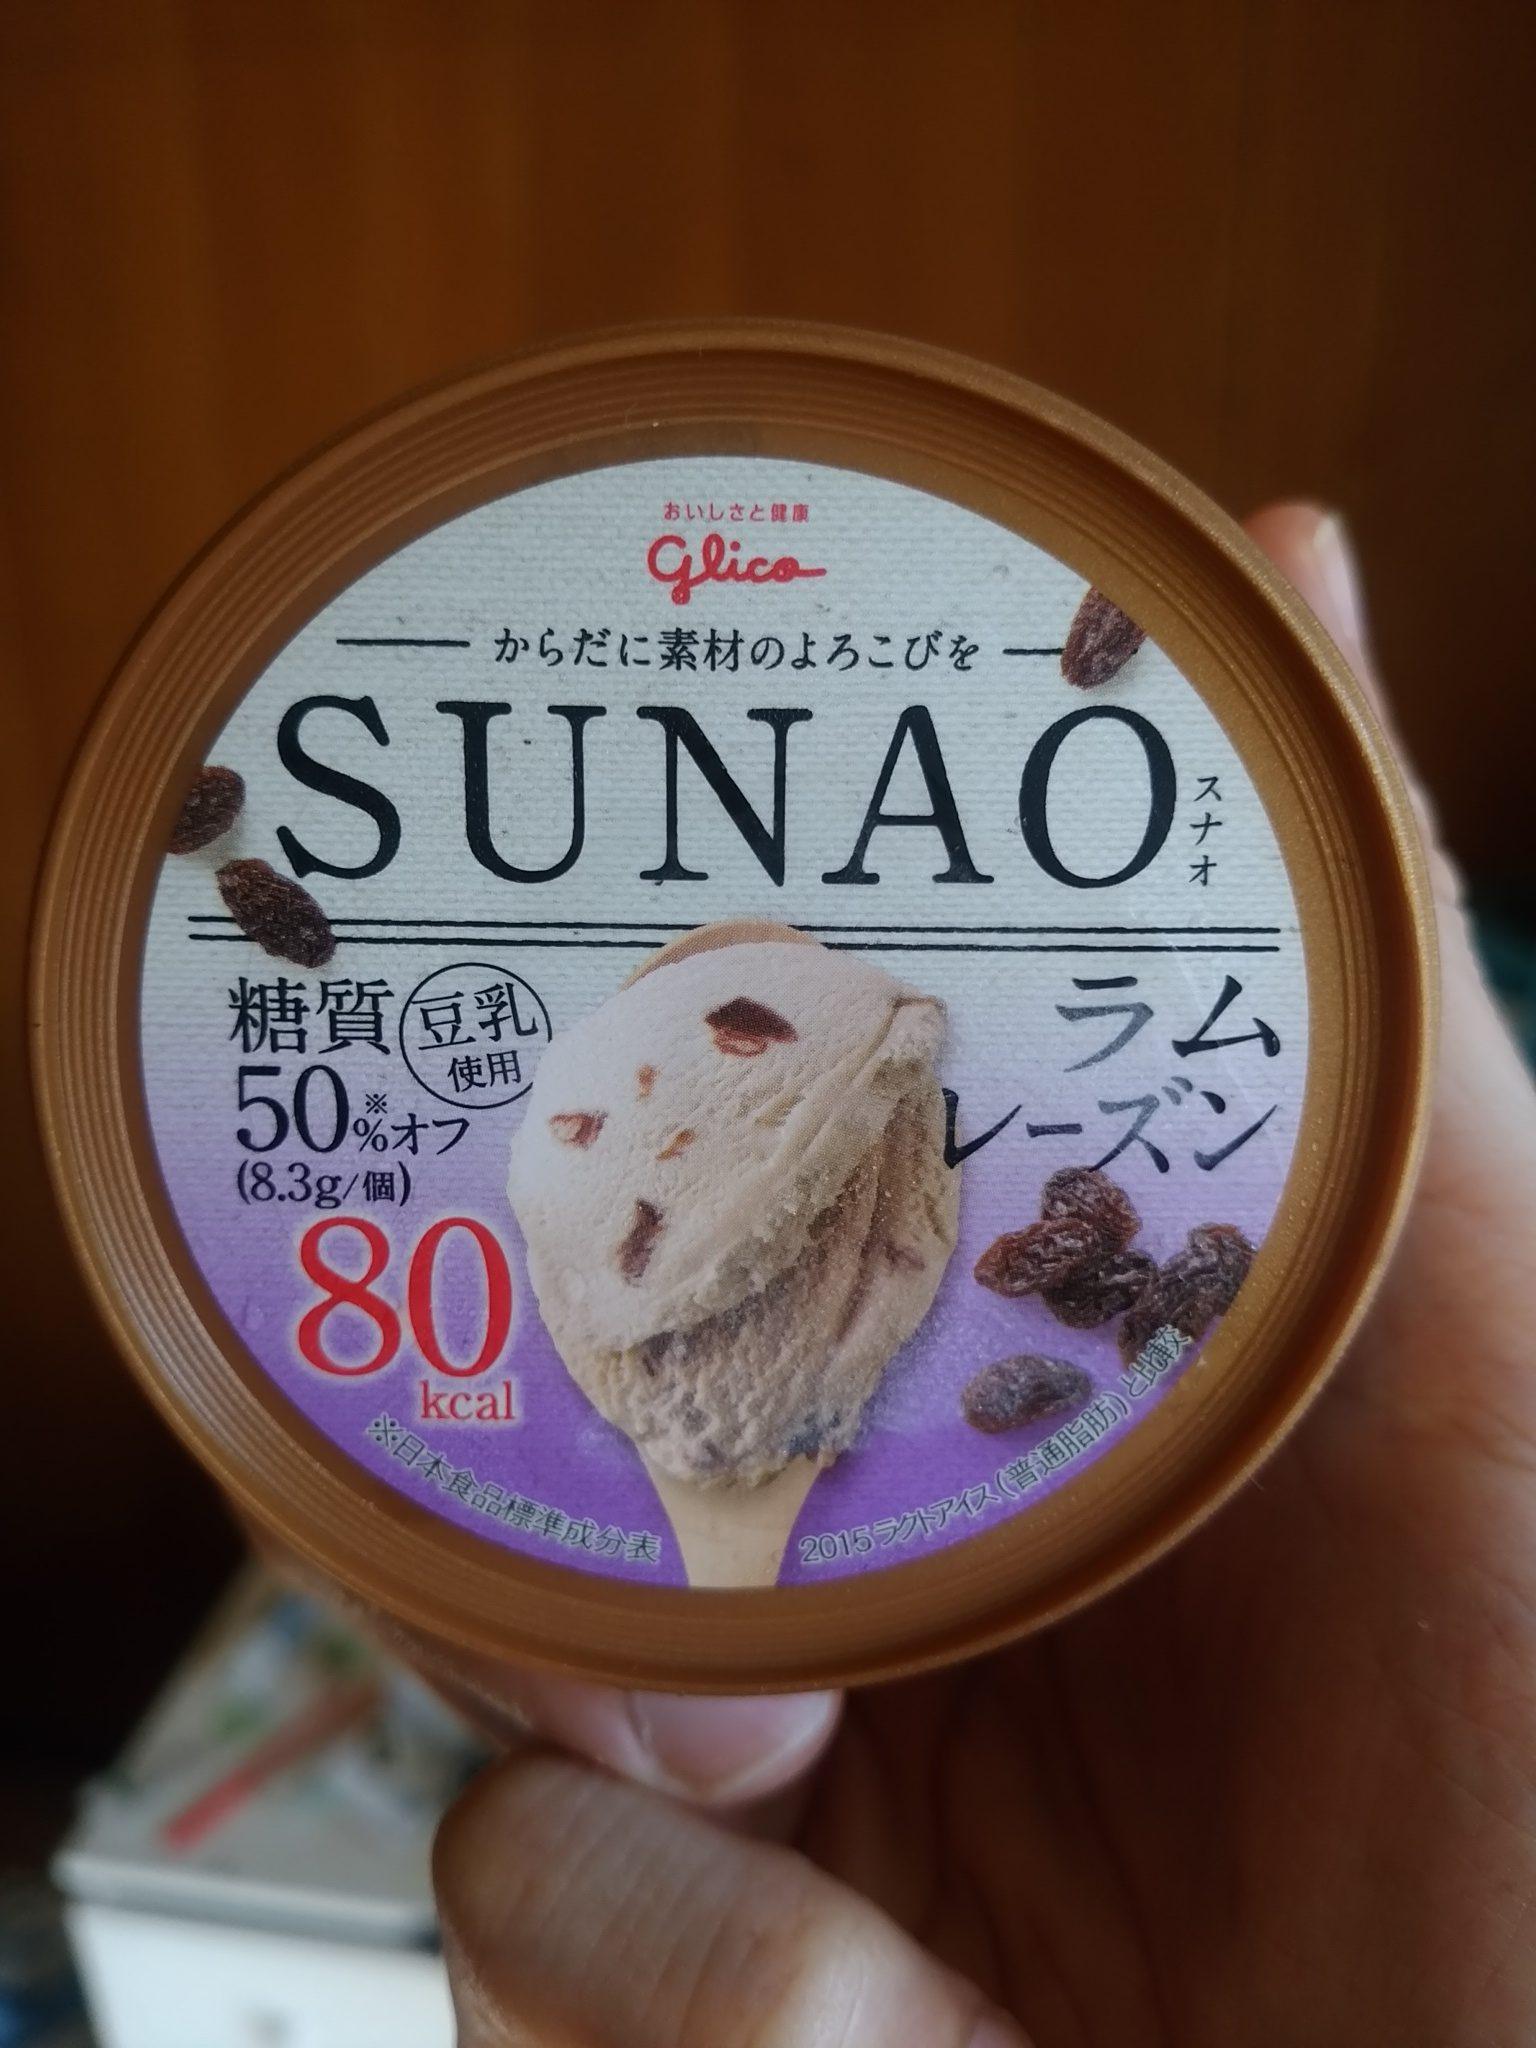 糖質制限用アイスとして認定されている「SUNAO」を買ってきた